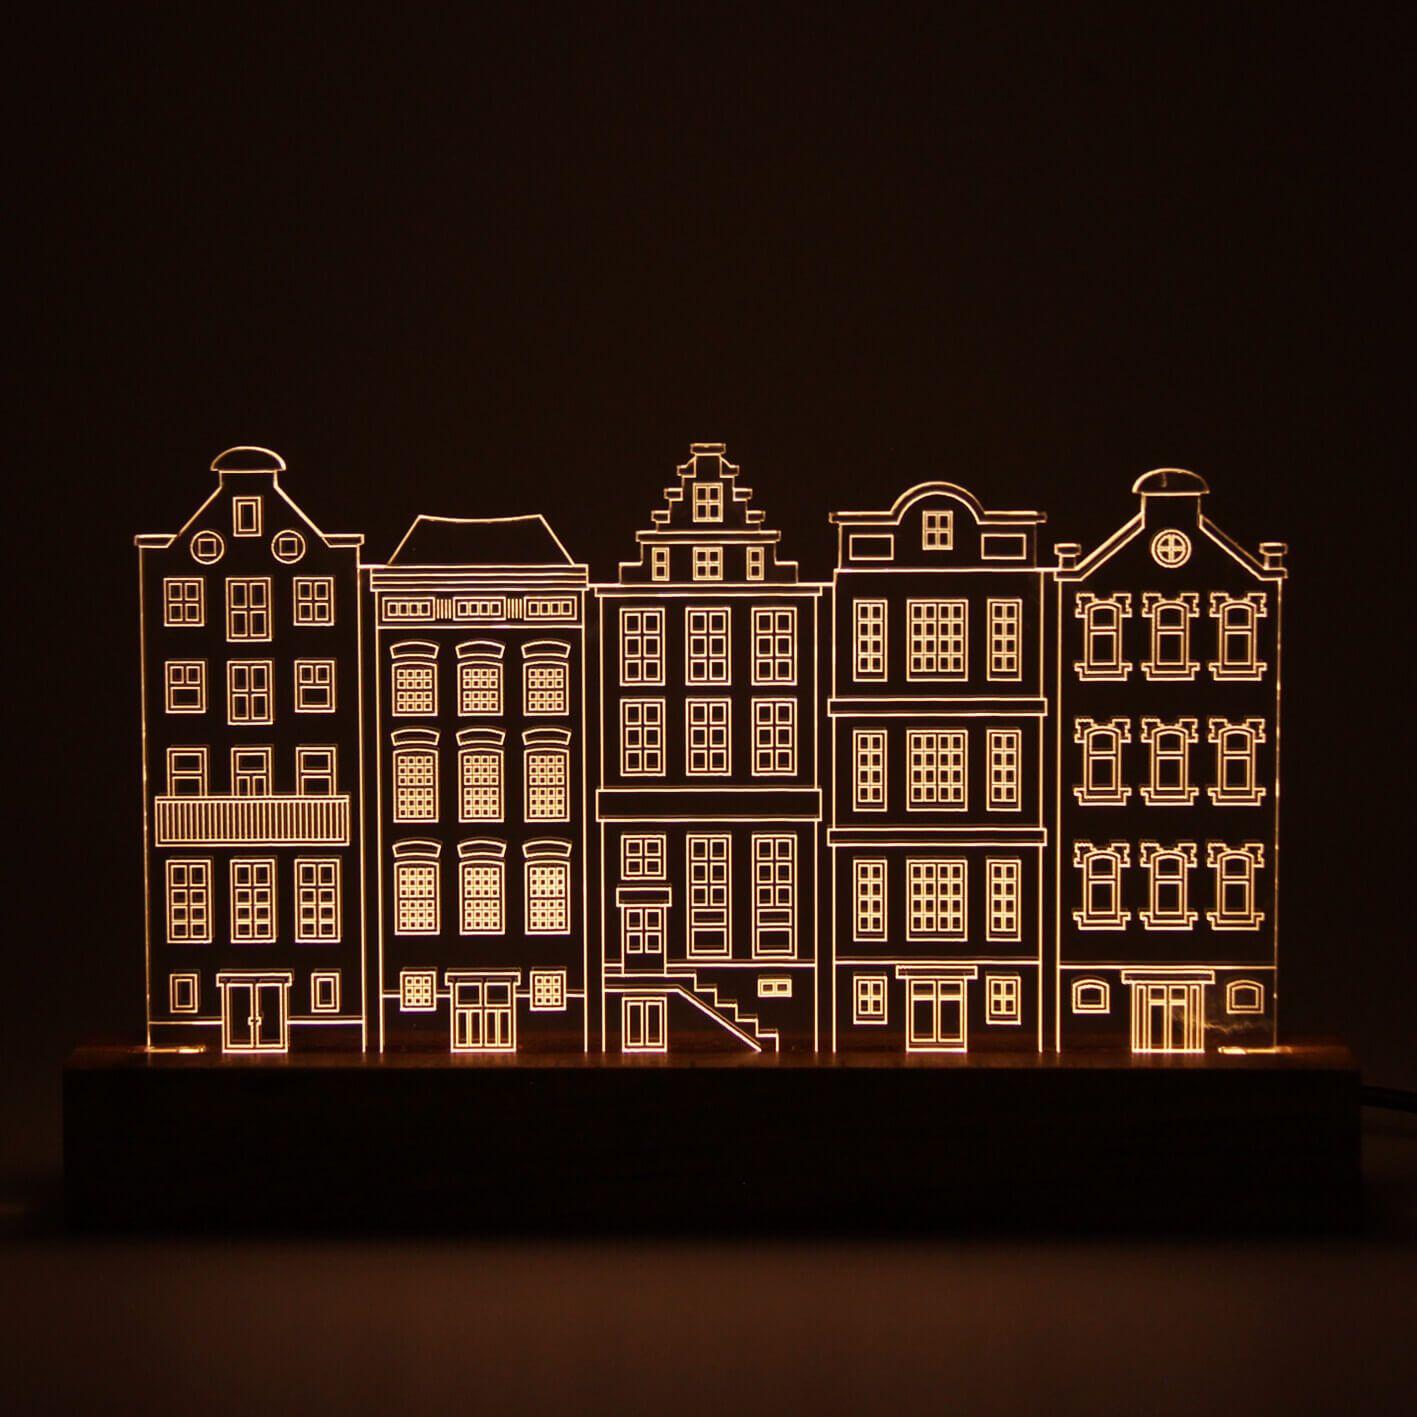 Europa - Luminária Casas Holandesas